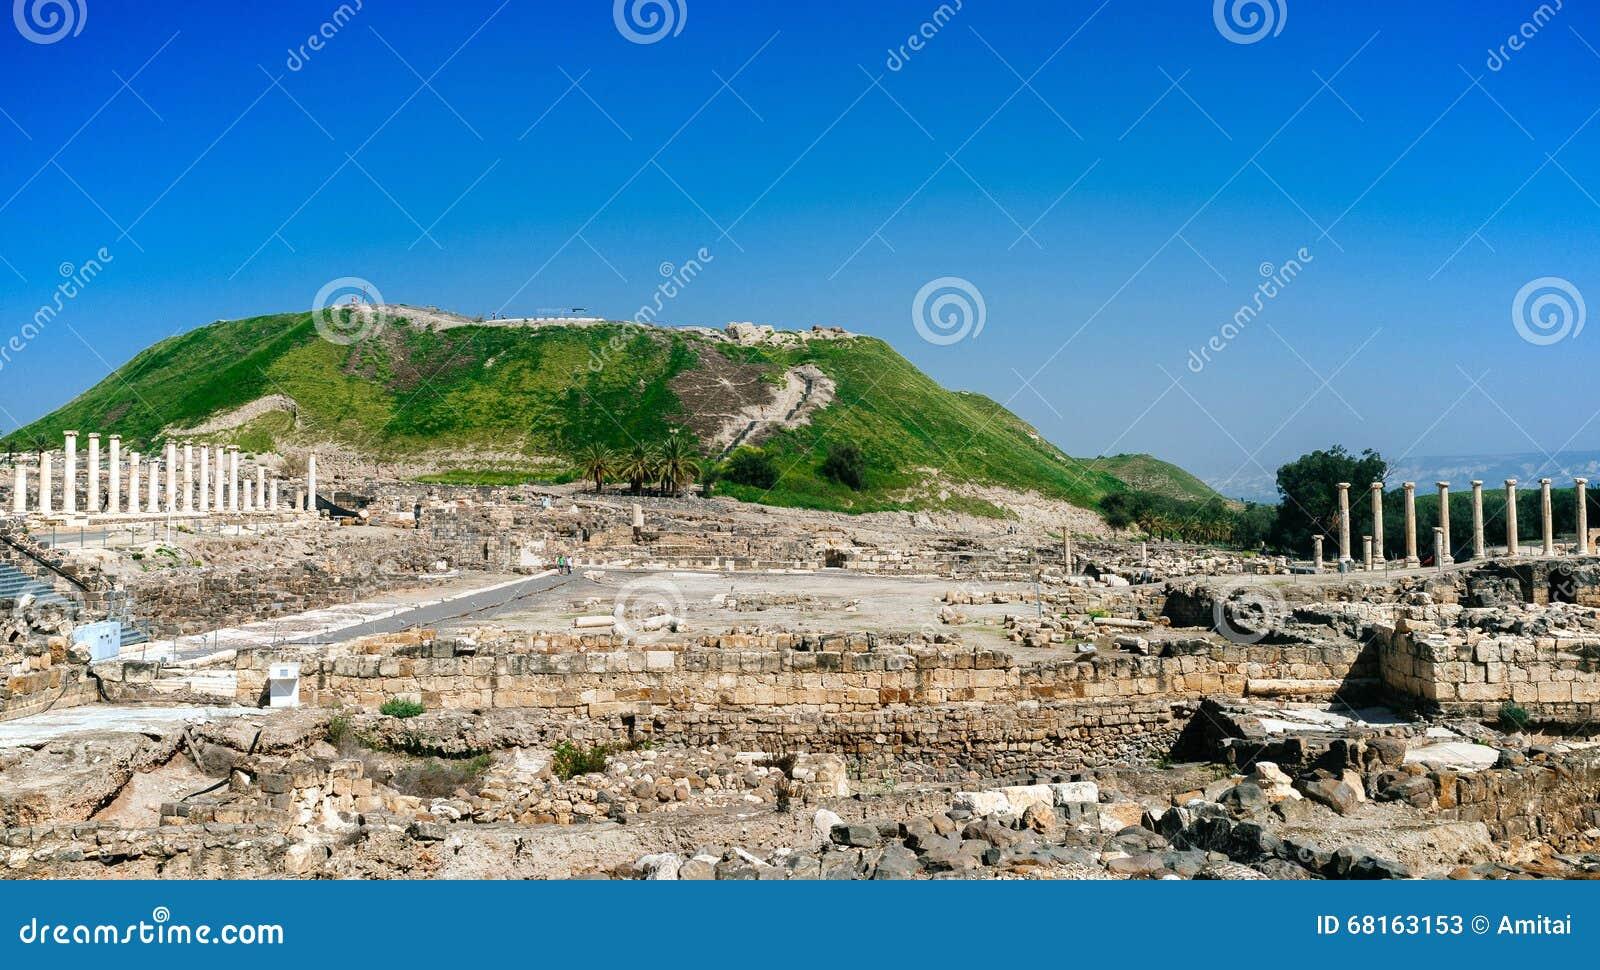 Série de la Terre Sainte - Beit Shean ruins#4